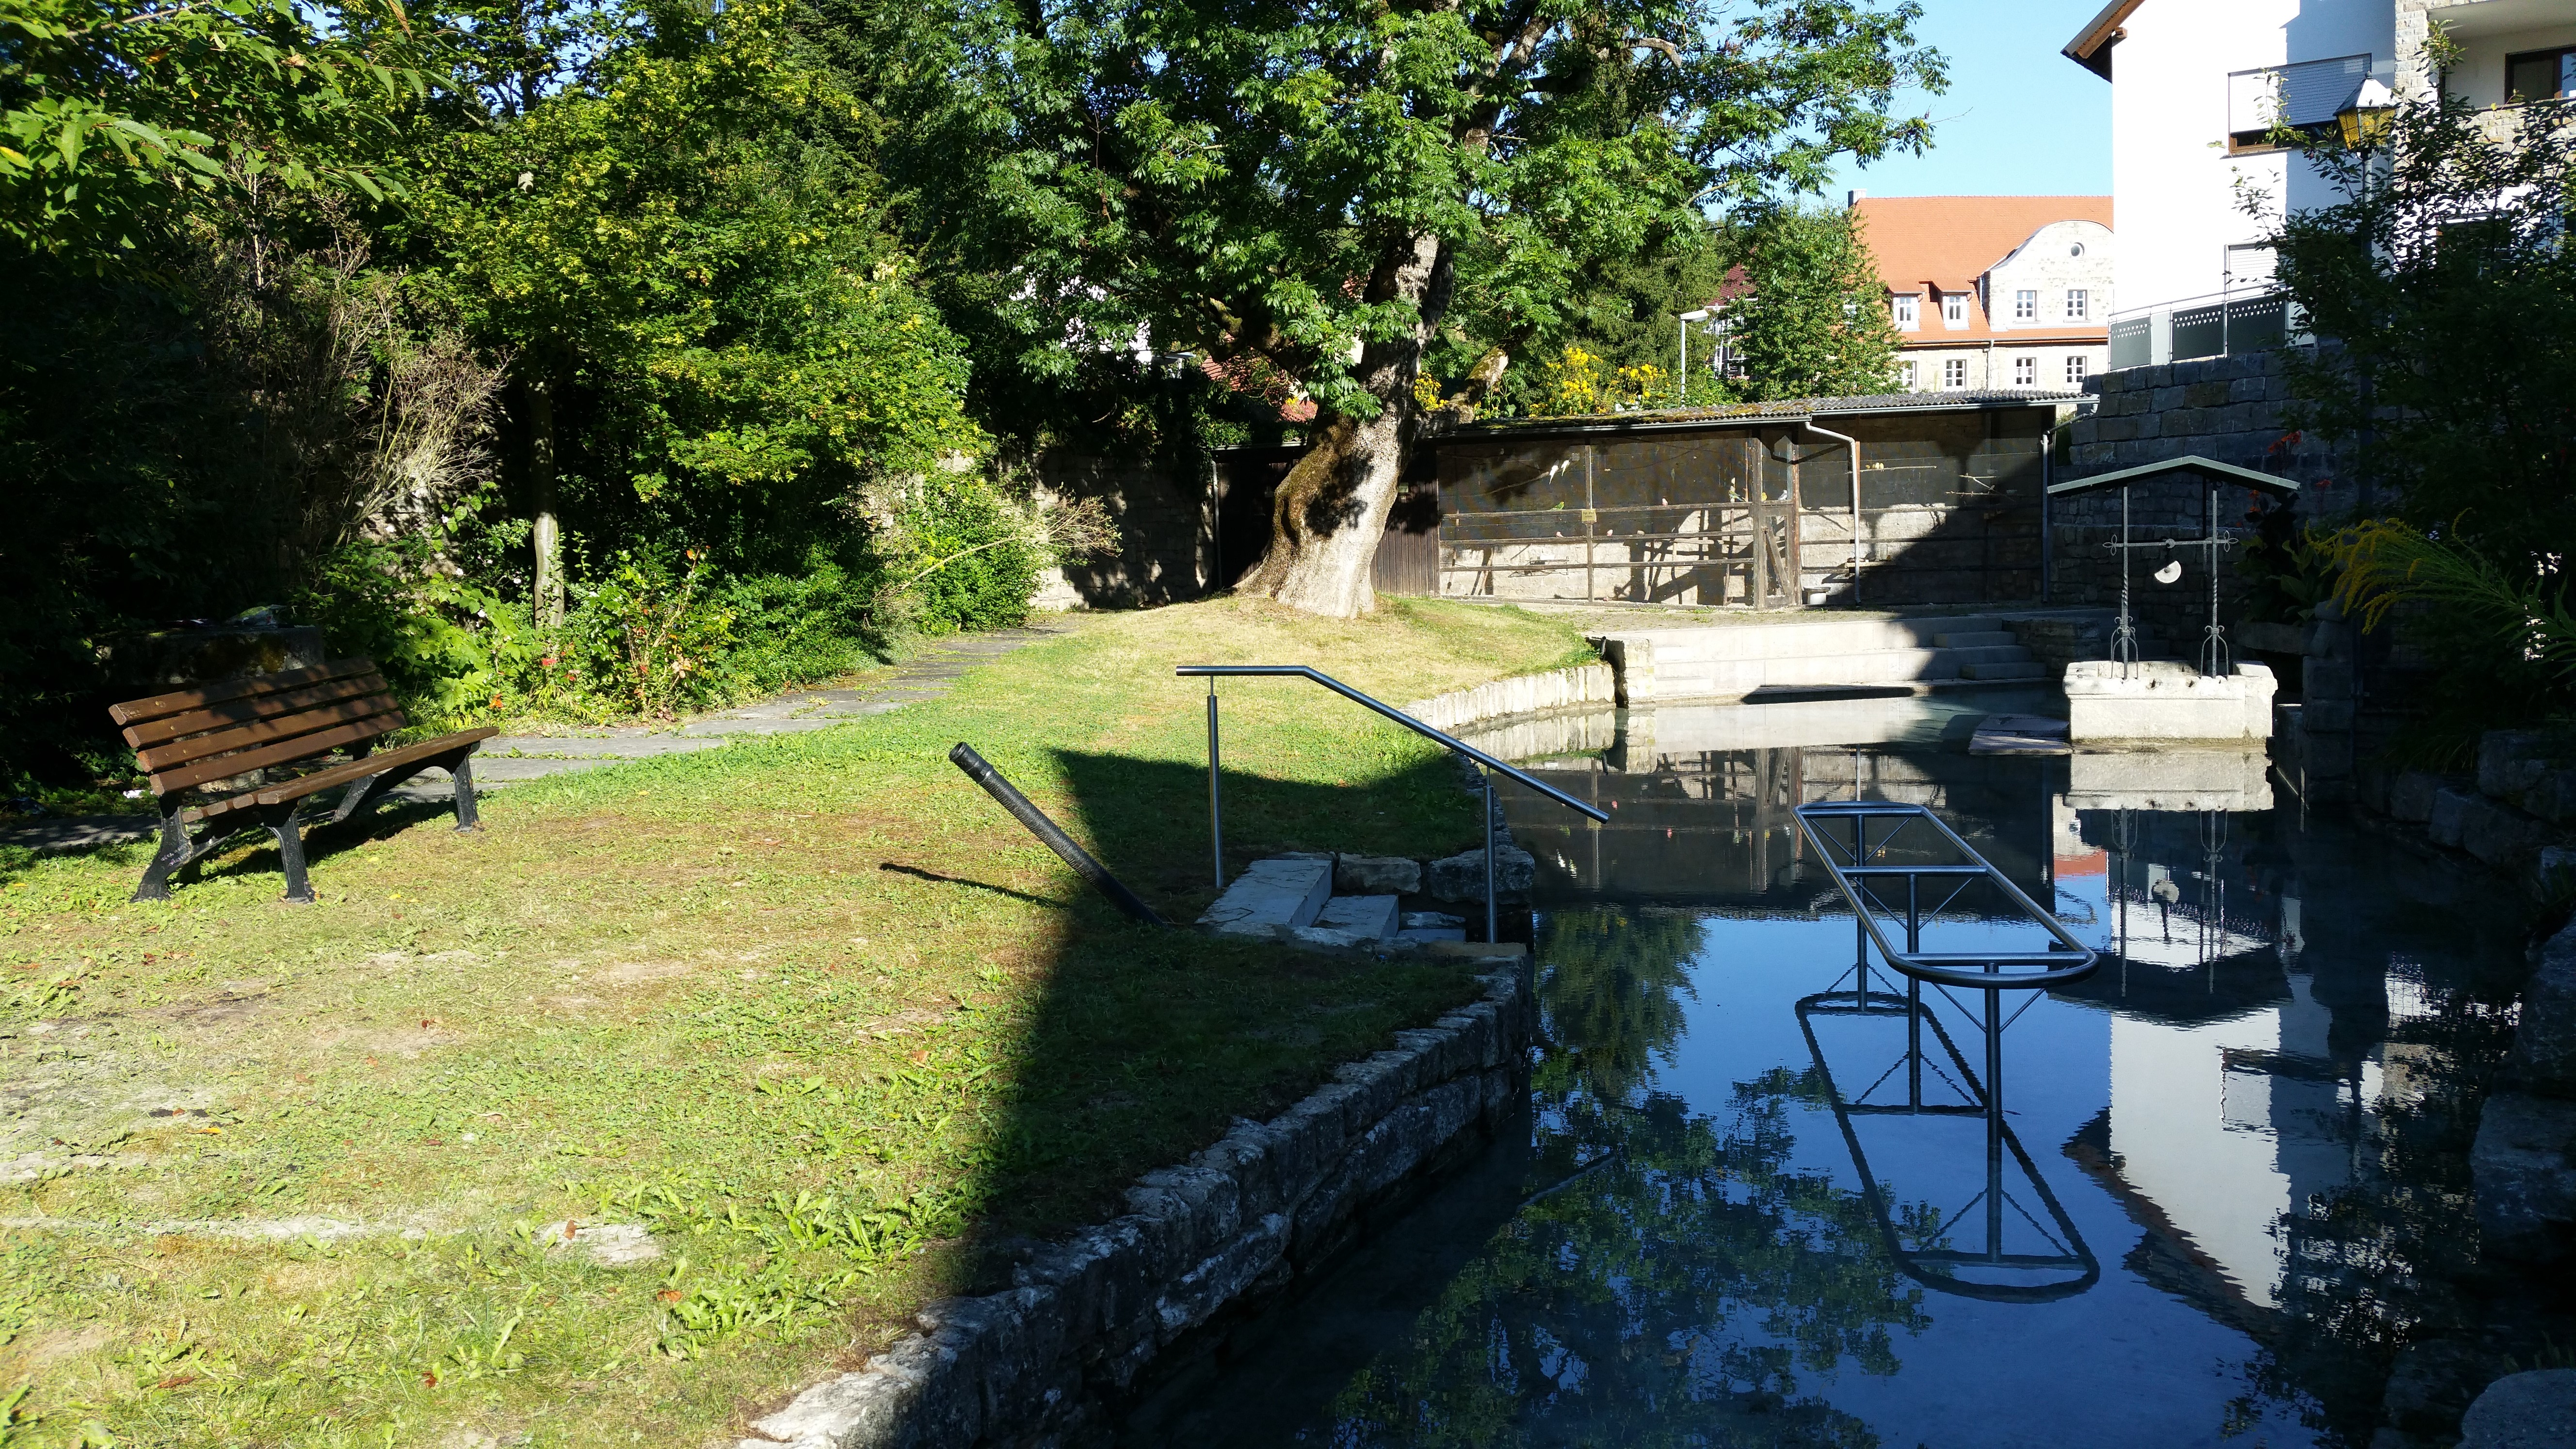 Günsfeld, Stadtbrunnen, Kneipp, Umbau